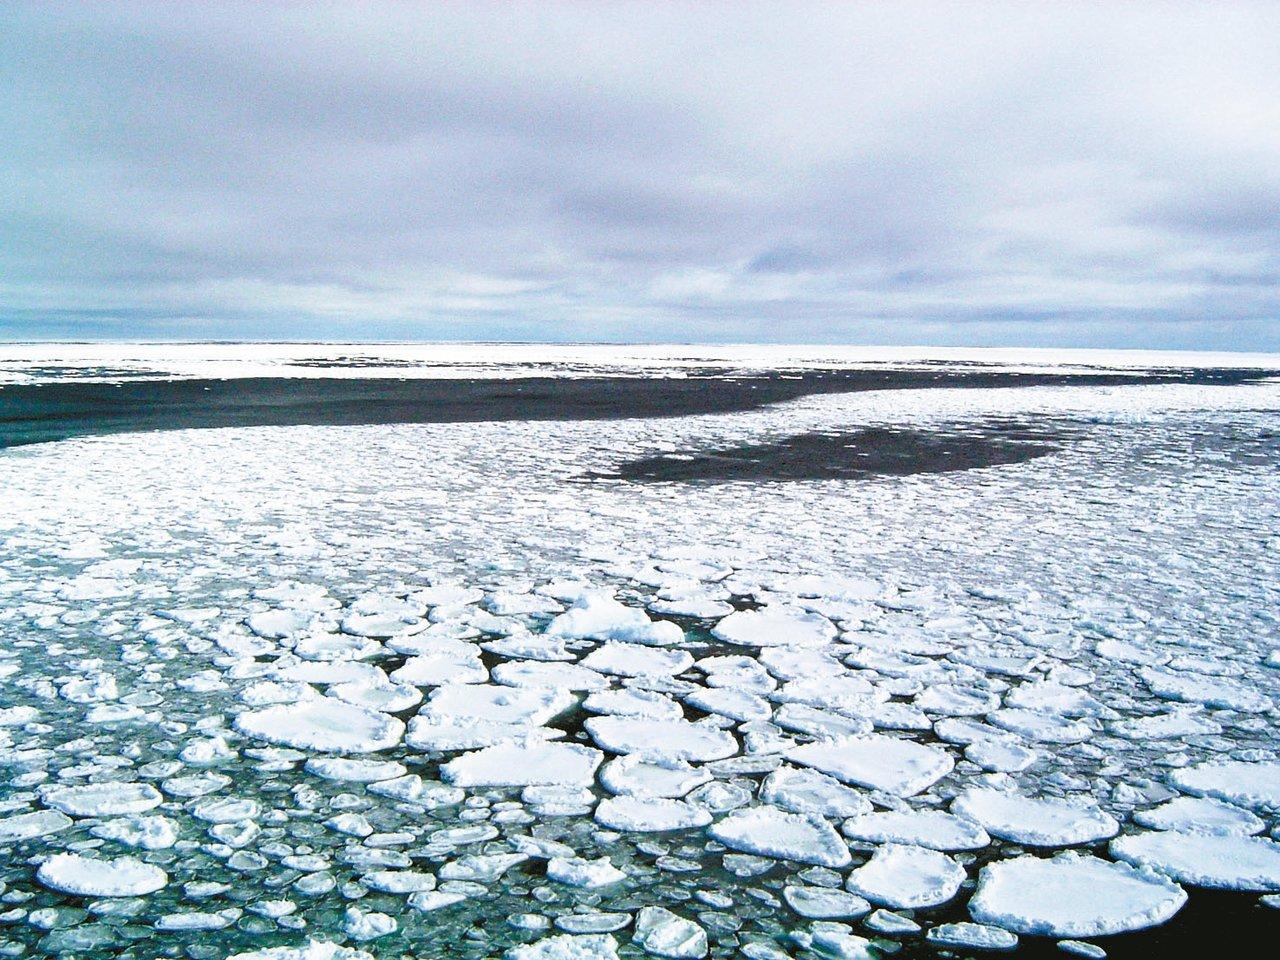 科學家指出,南極冰原若因地球暖化持續融化,全球海平面恐將至少上升三公尺。圖為南極...